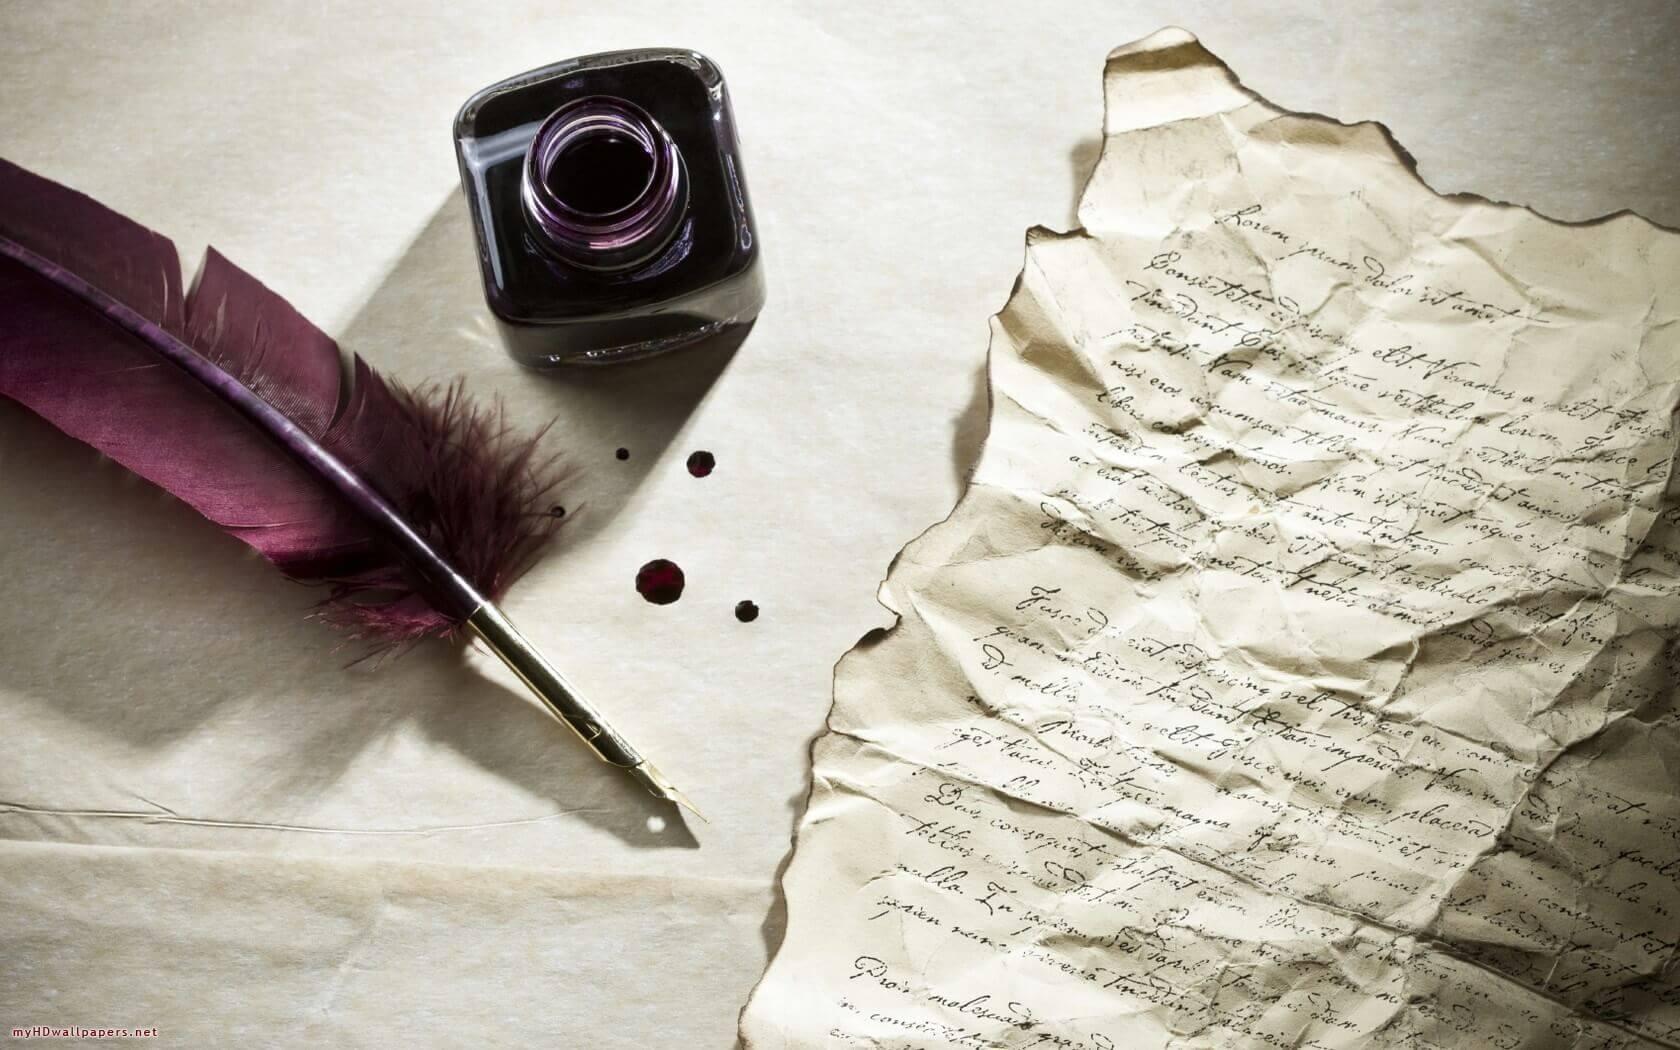 Escreva-me